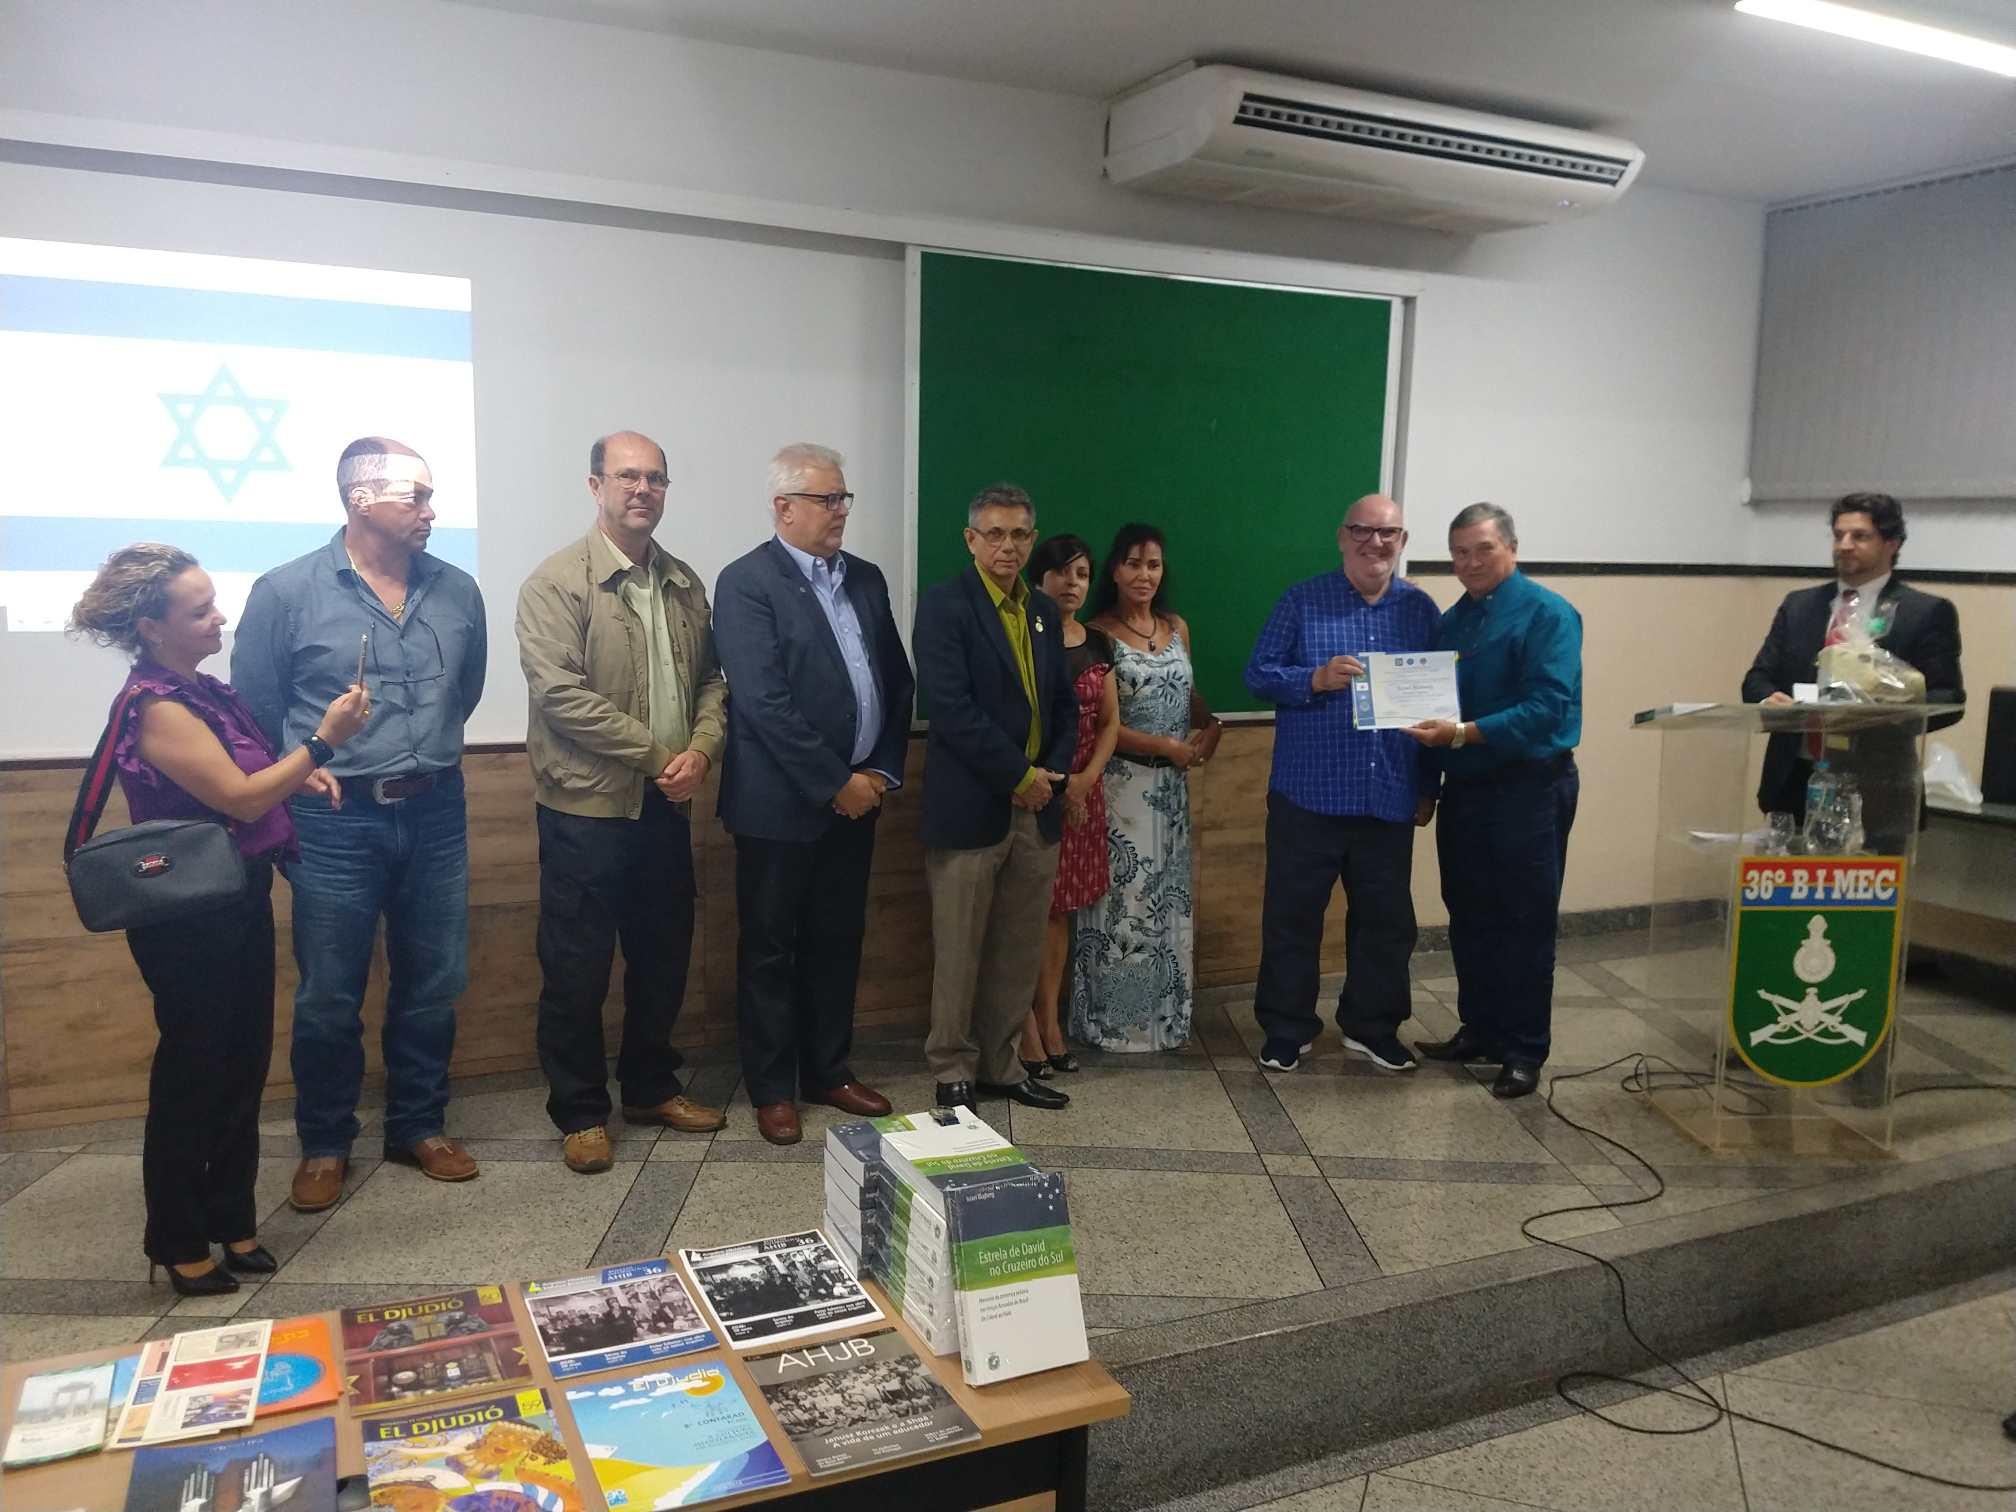 grupo IL entrega do diploma